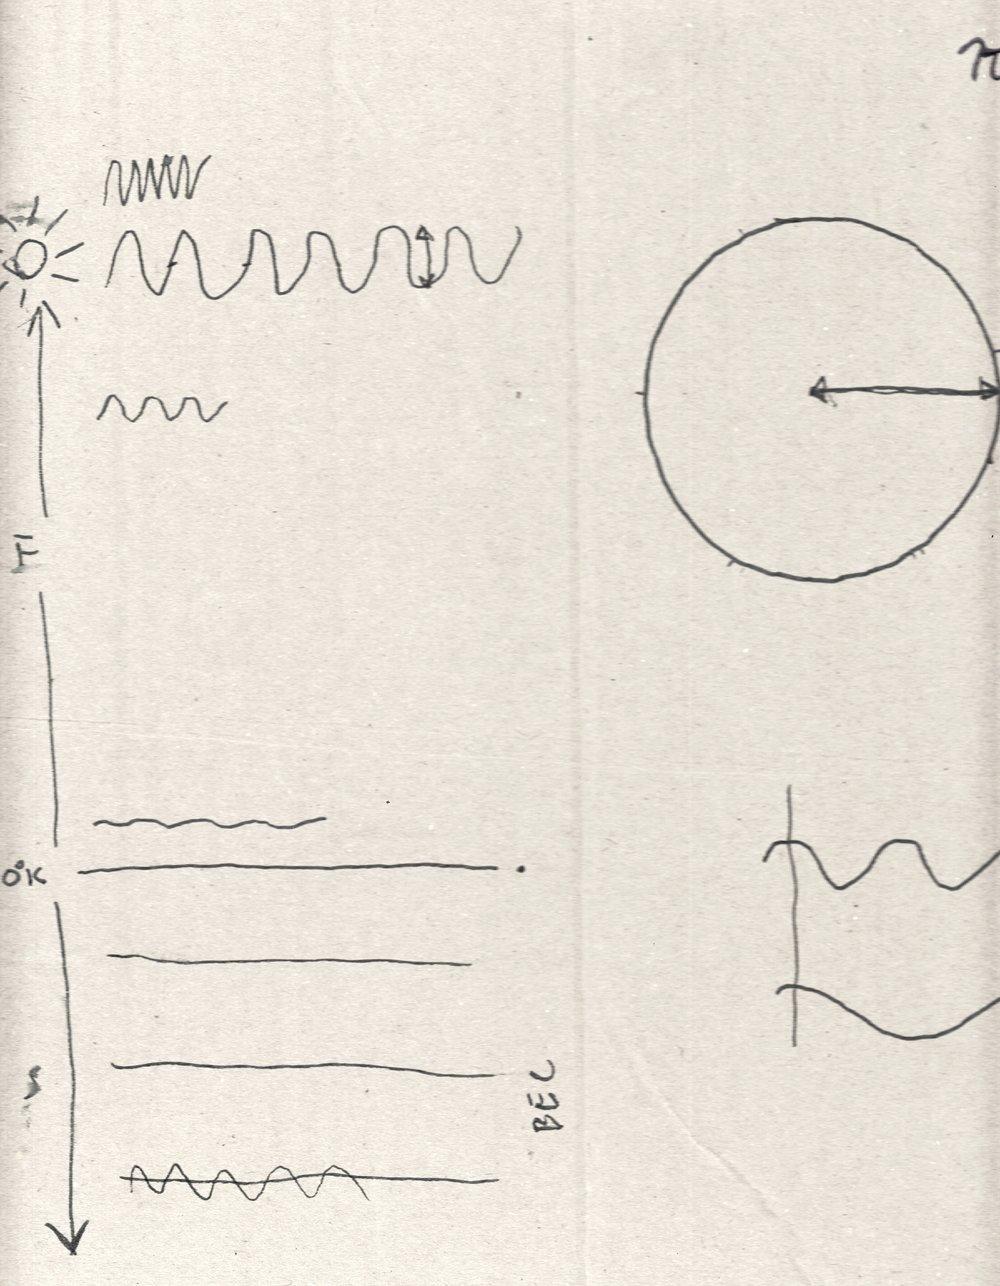 RÁNDOTTIR Lektion i fysik.jpg